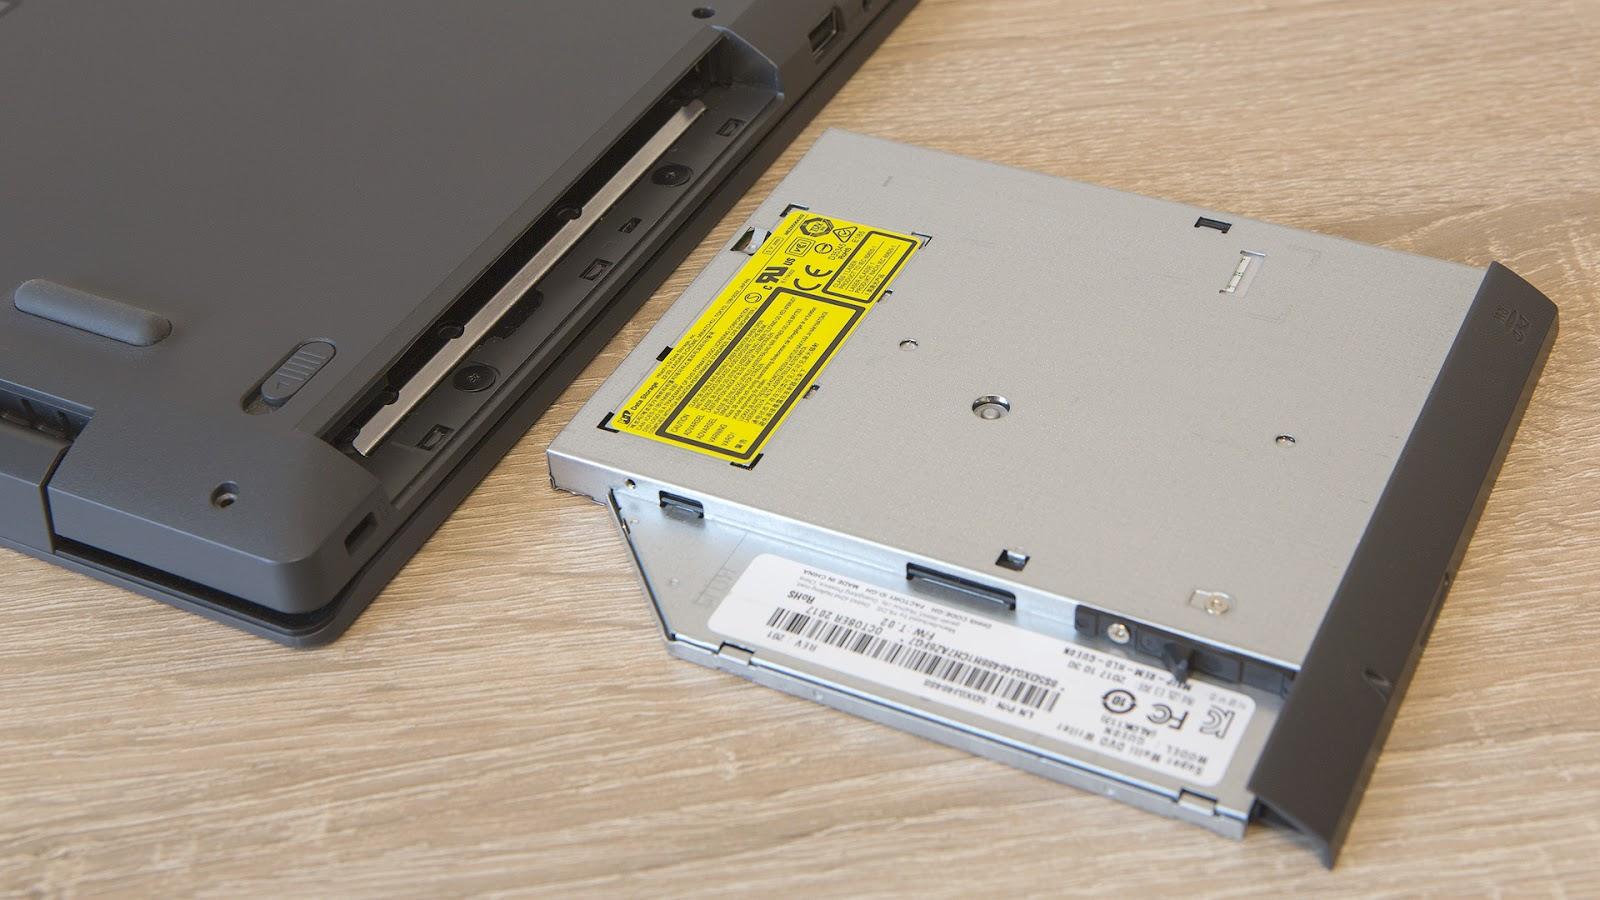 Обзор ноутбука Lenovo V330-15: надёжный офисный трудяга - 9